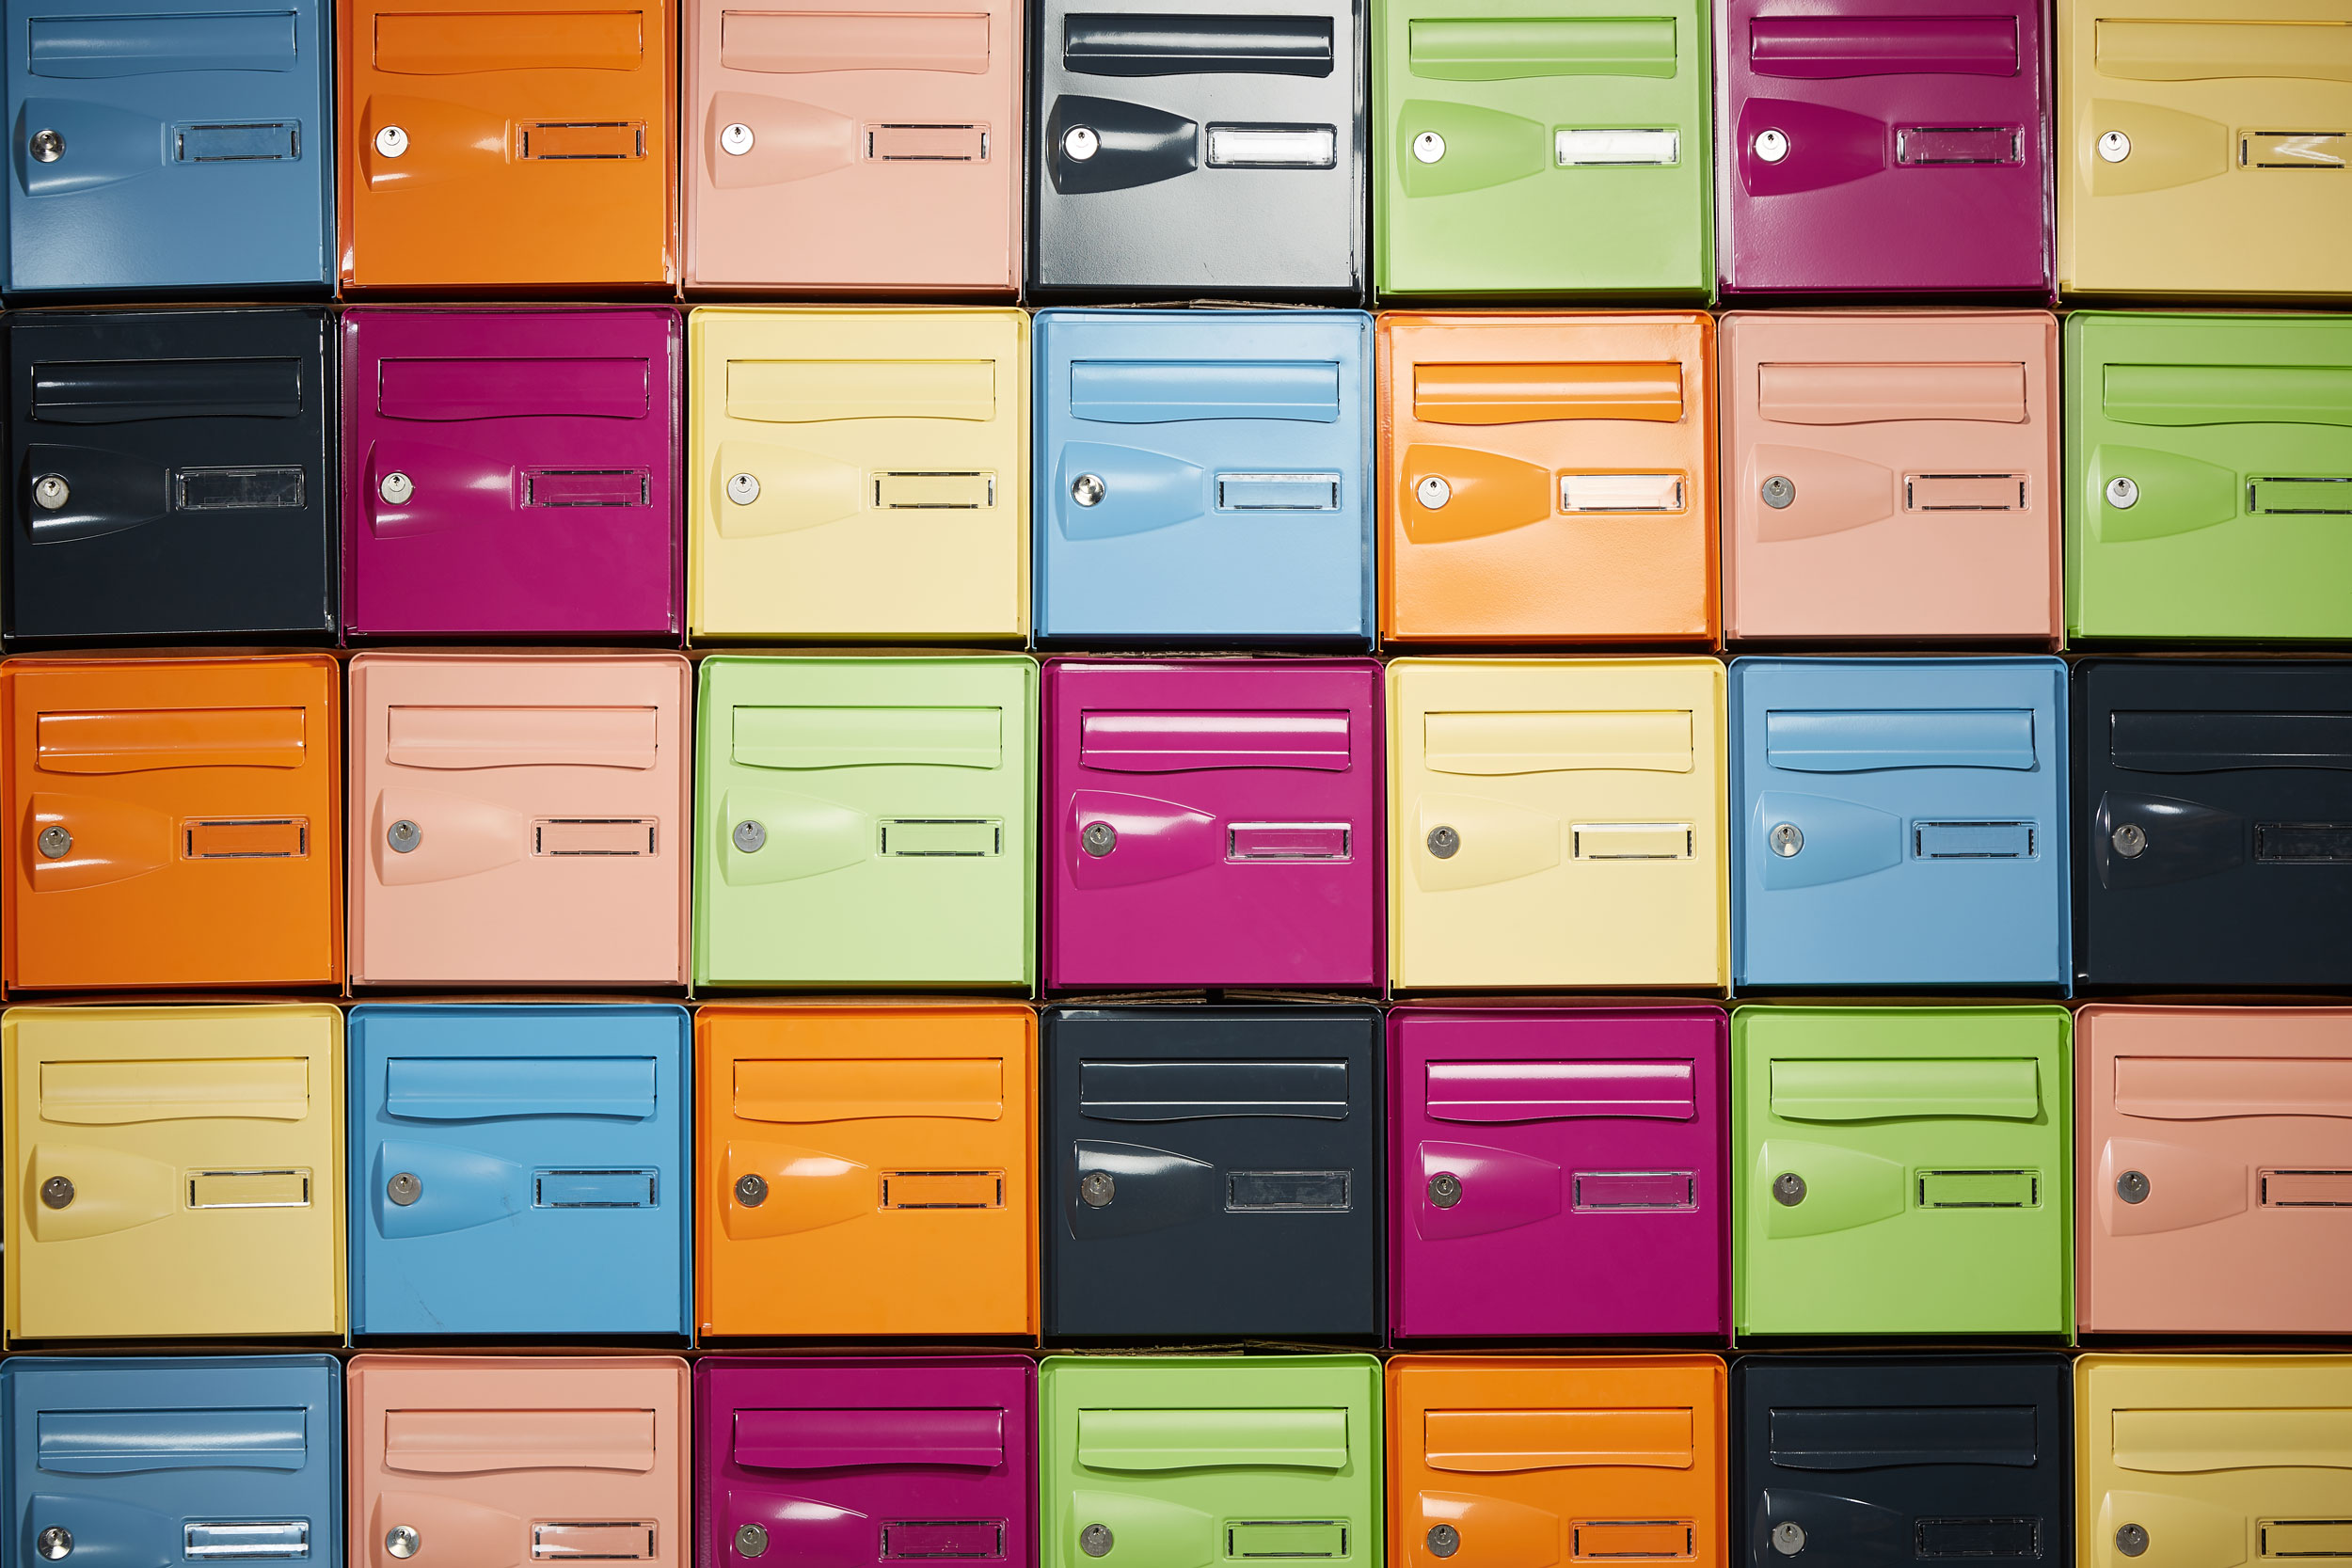 Comment fonctionnent les boîtes aux lettres collectives